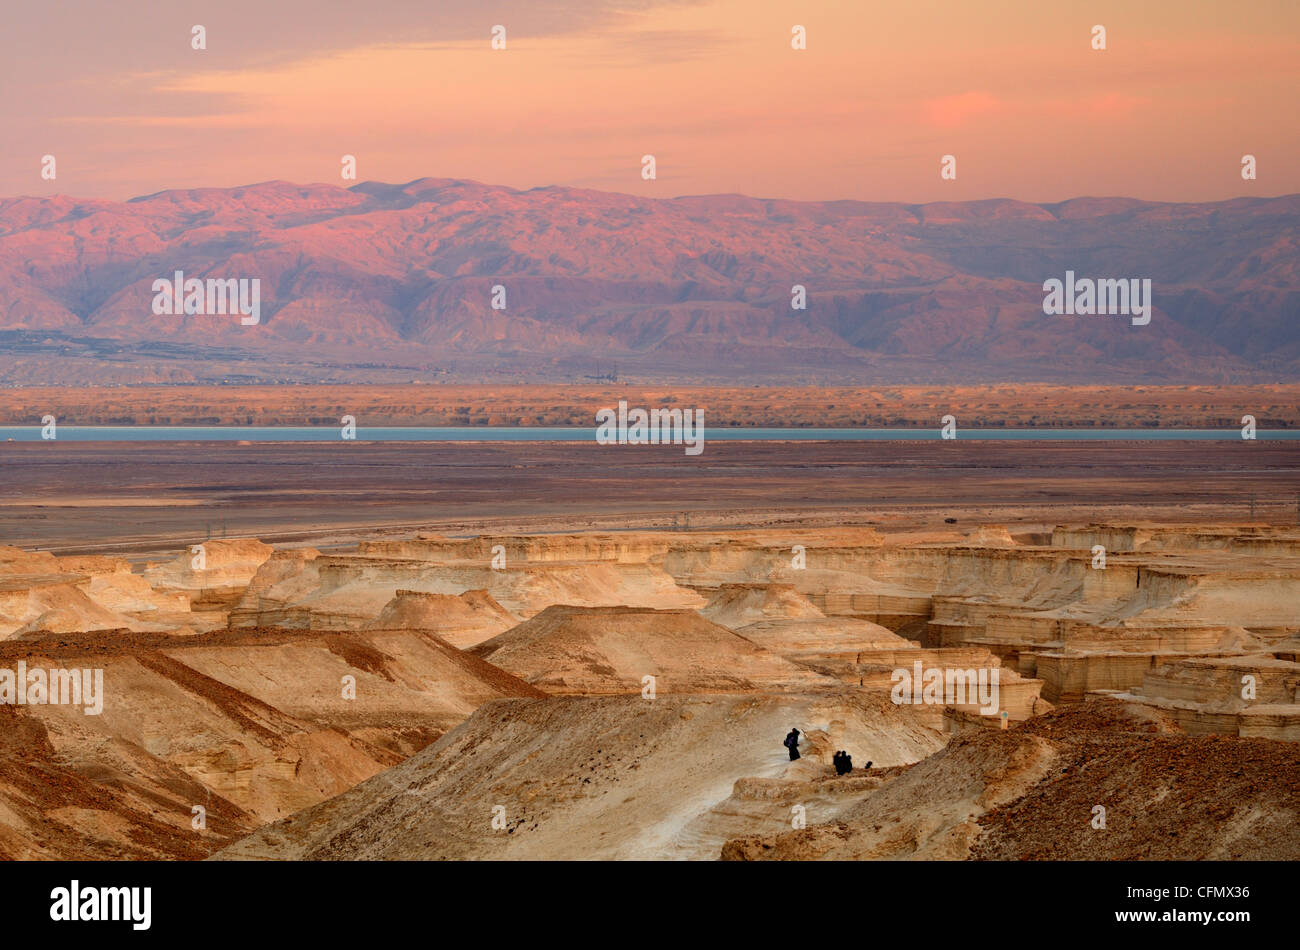 Il paesaggio di Judaean deserto vicino al Mar Morto in Israele Immagini Stock